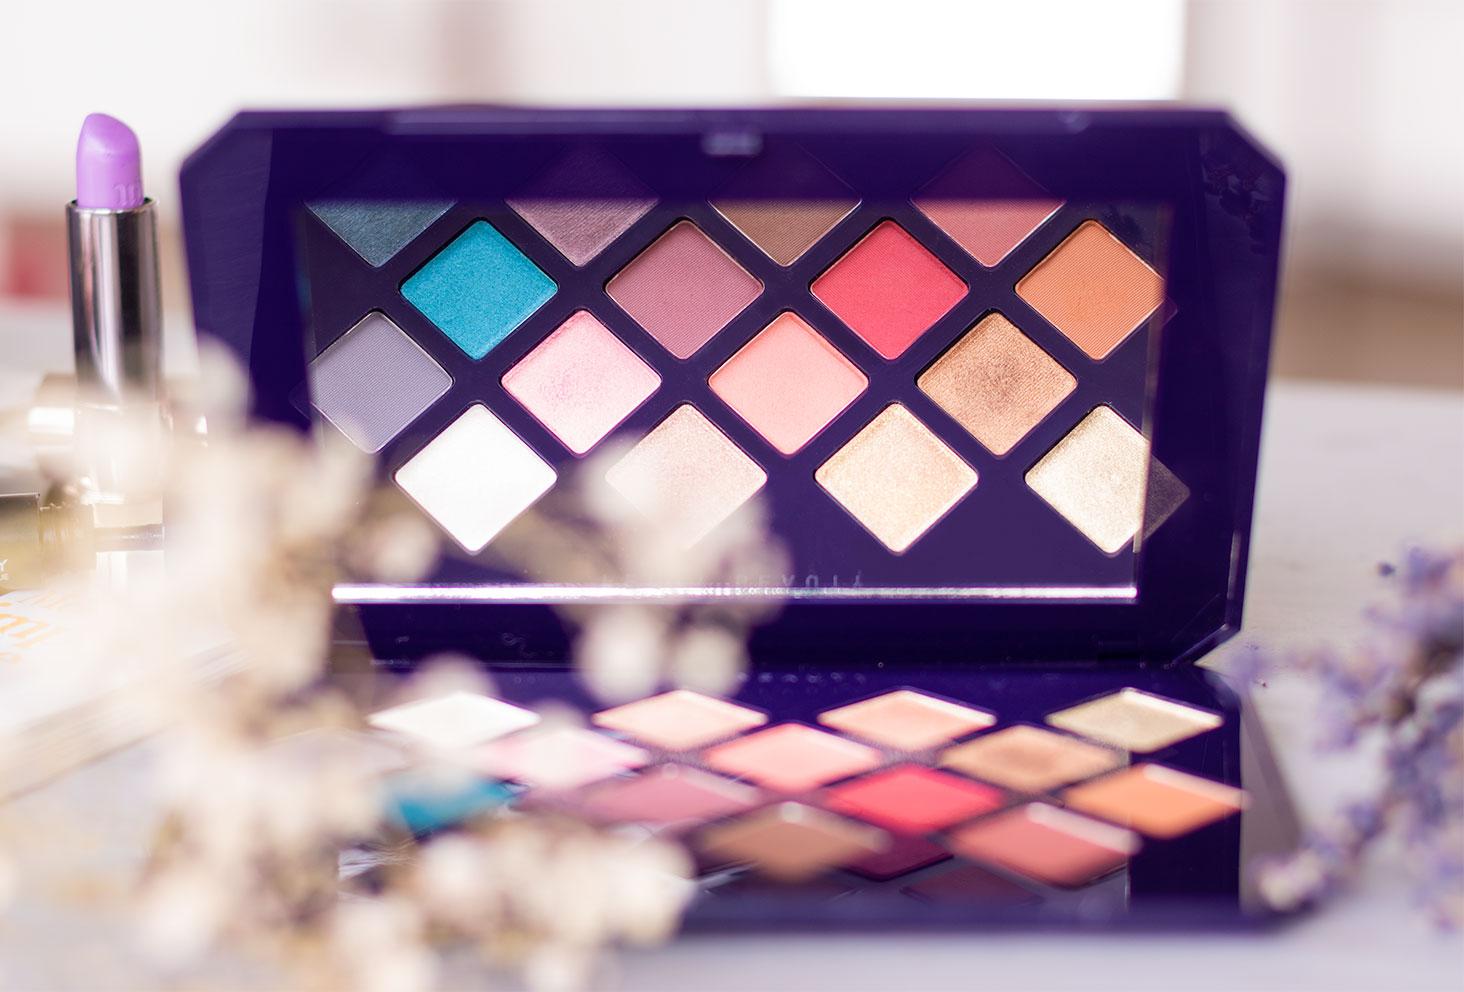 Zoom sur les fards de la palette Moroccan Spice de Fenty Beauty, dans le reflet du miroir de la palette